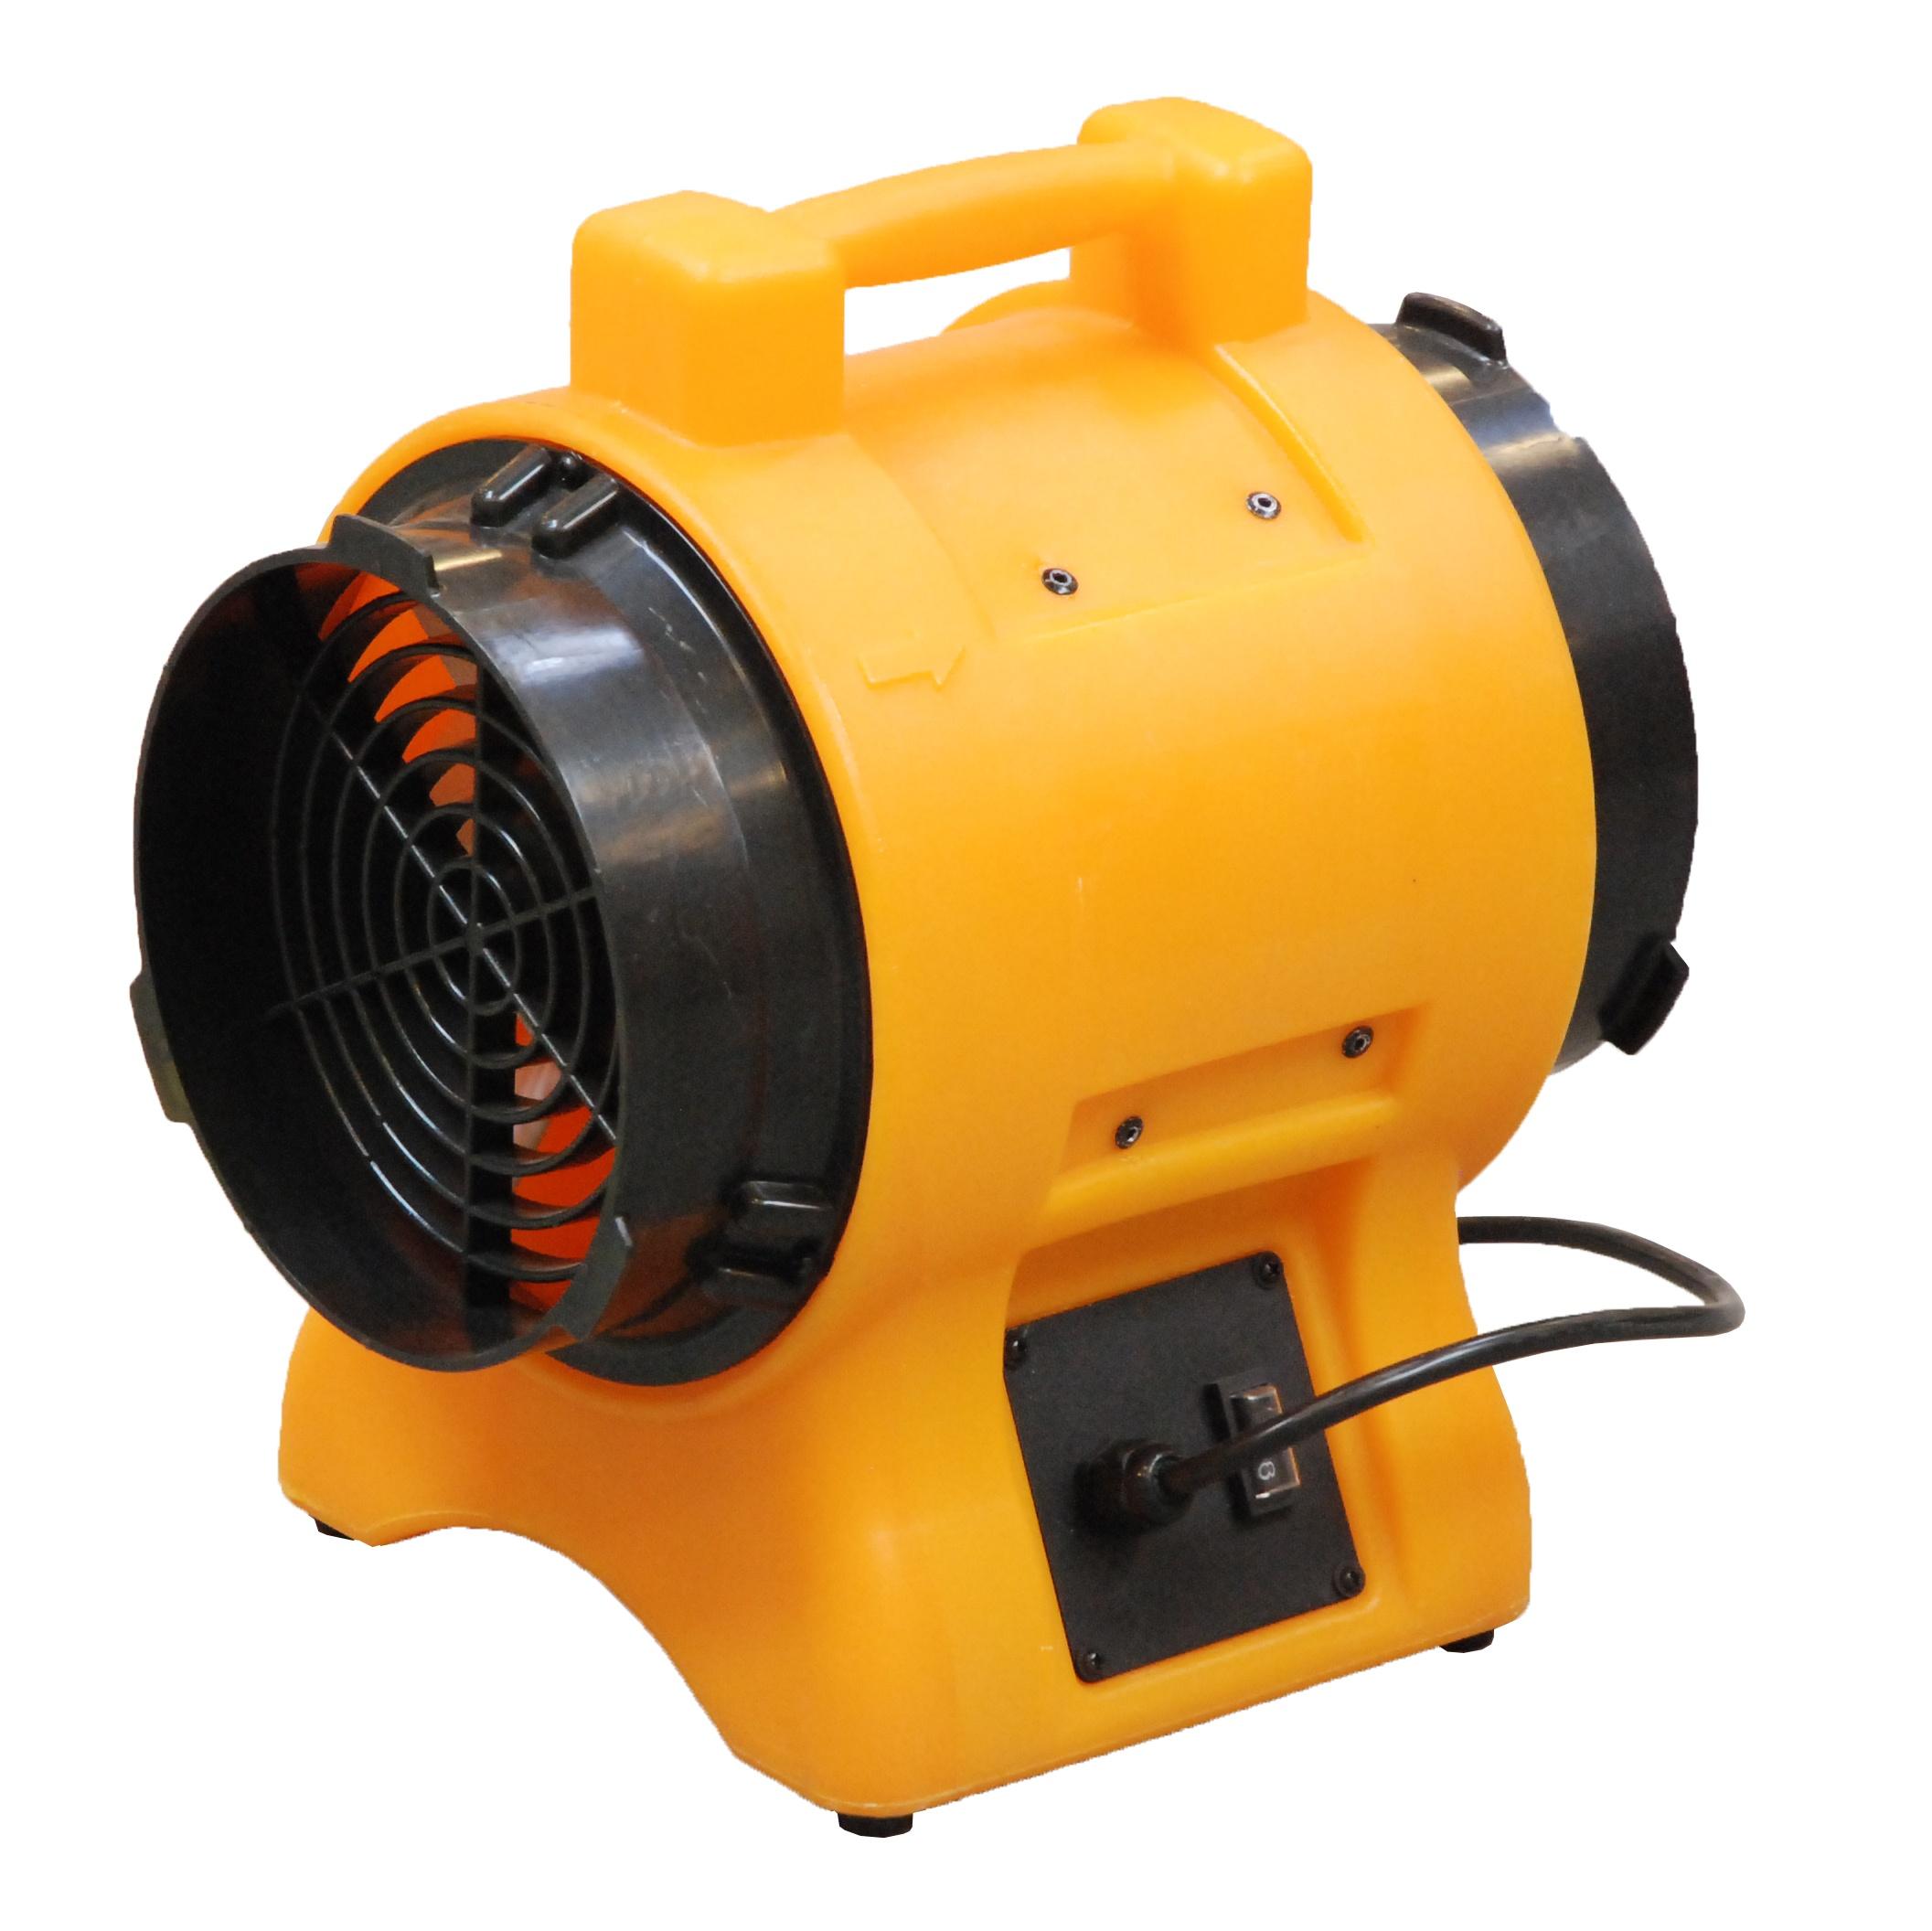 BL6800 ventilátor průmyslový s možností připojení hadice